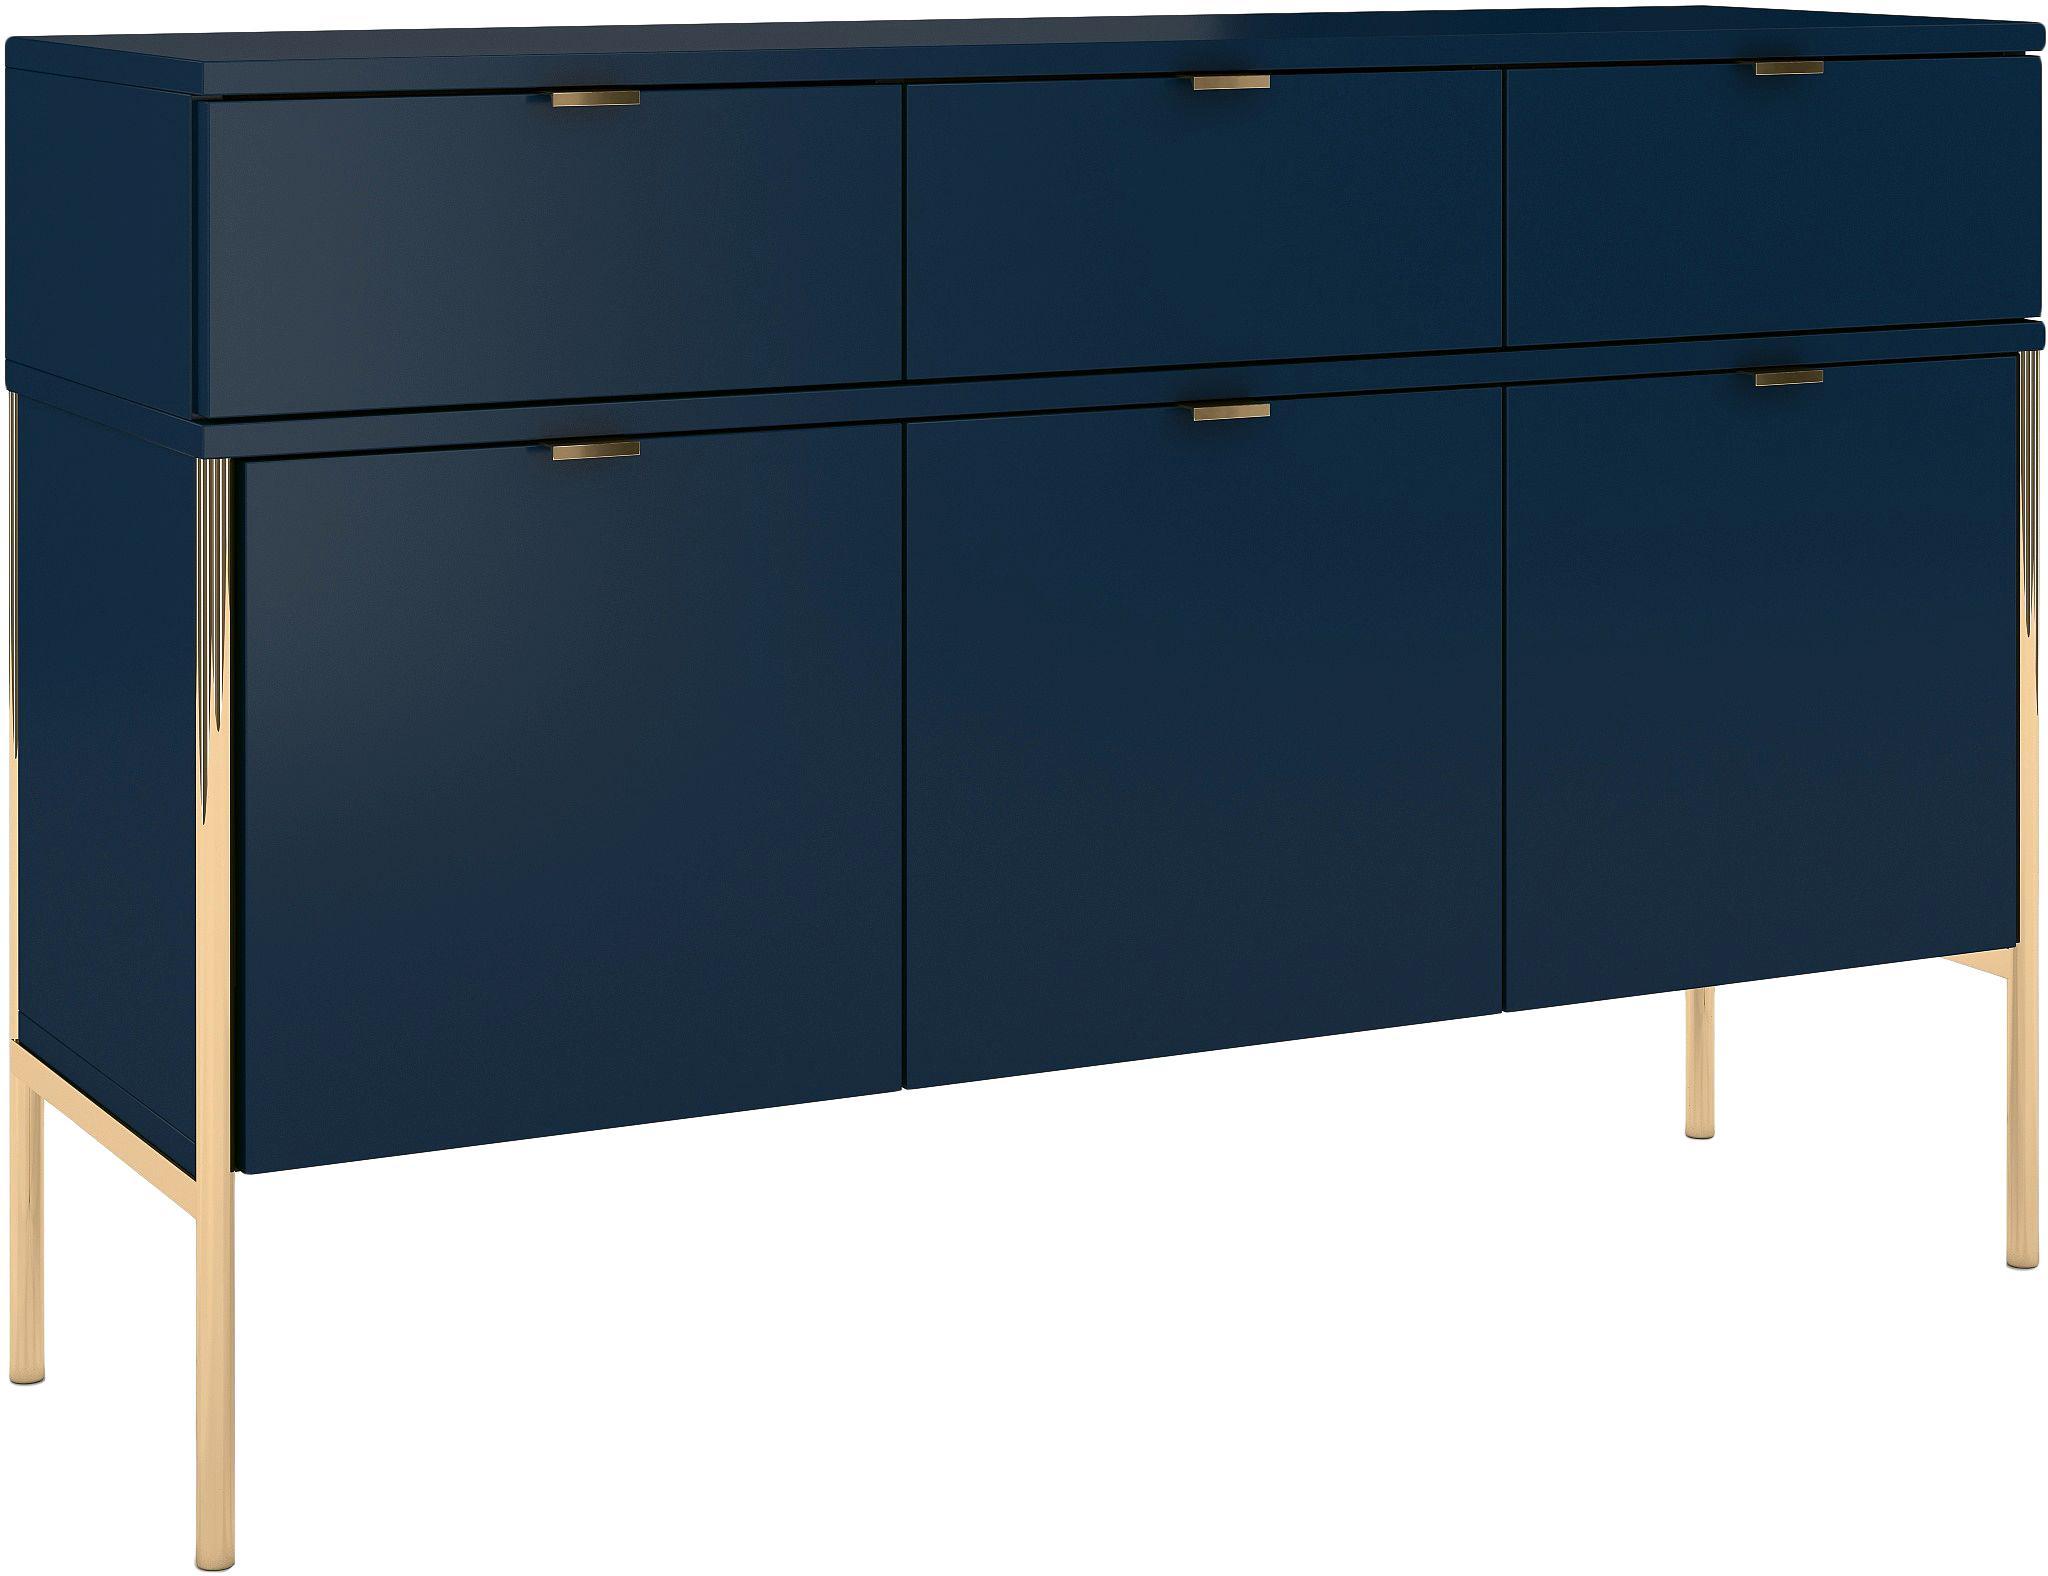 Credenza blu scuro Polka, Blu scuro, Larg. 120 x Alt. 78 cm